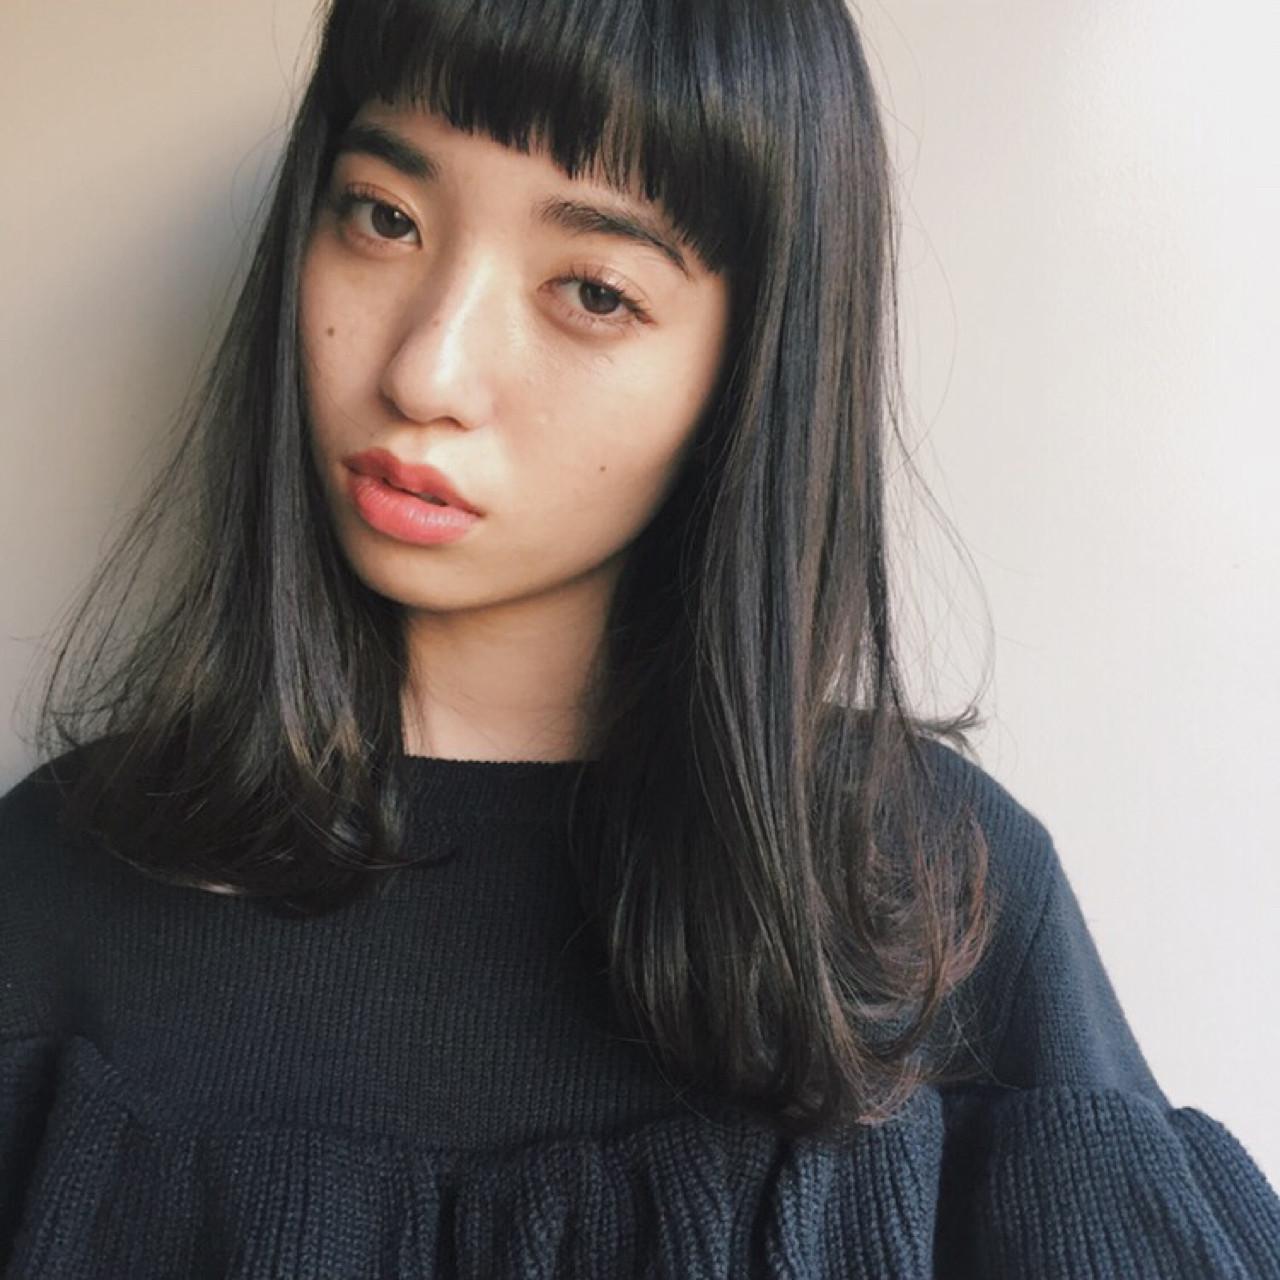 黒髪 ストリート 前髪あり ワイドバング ヘアスタイルや髪型の写真・画像